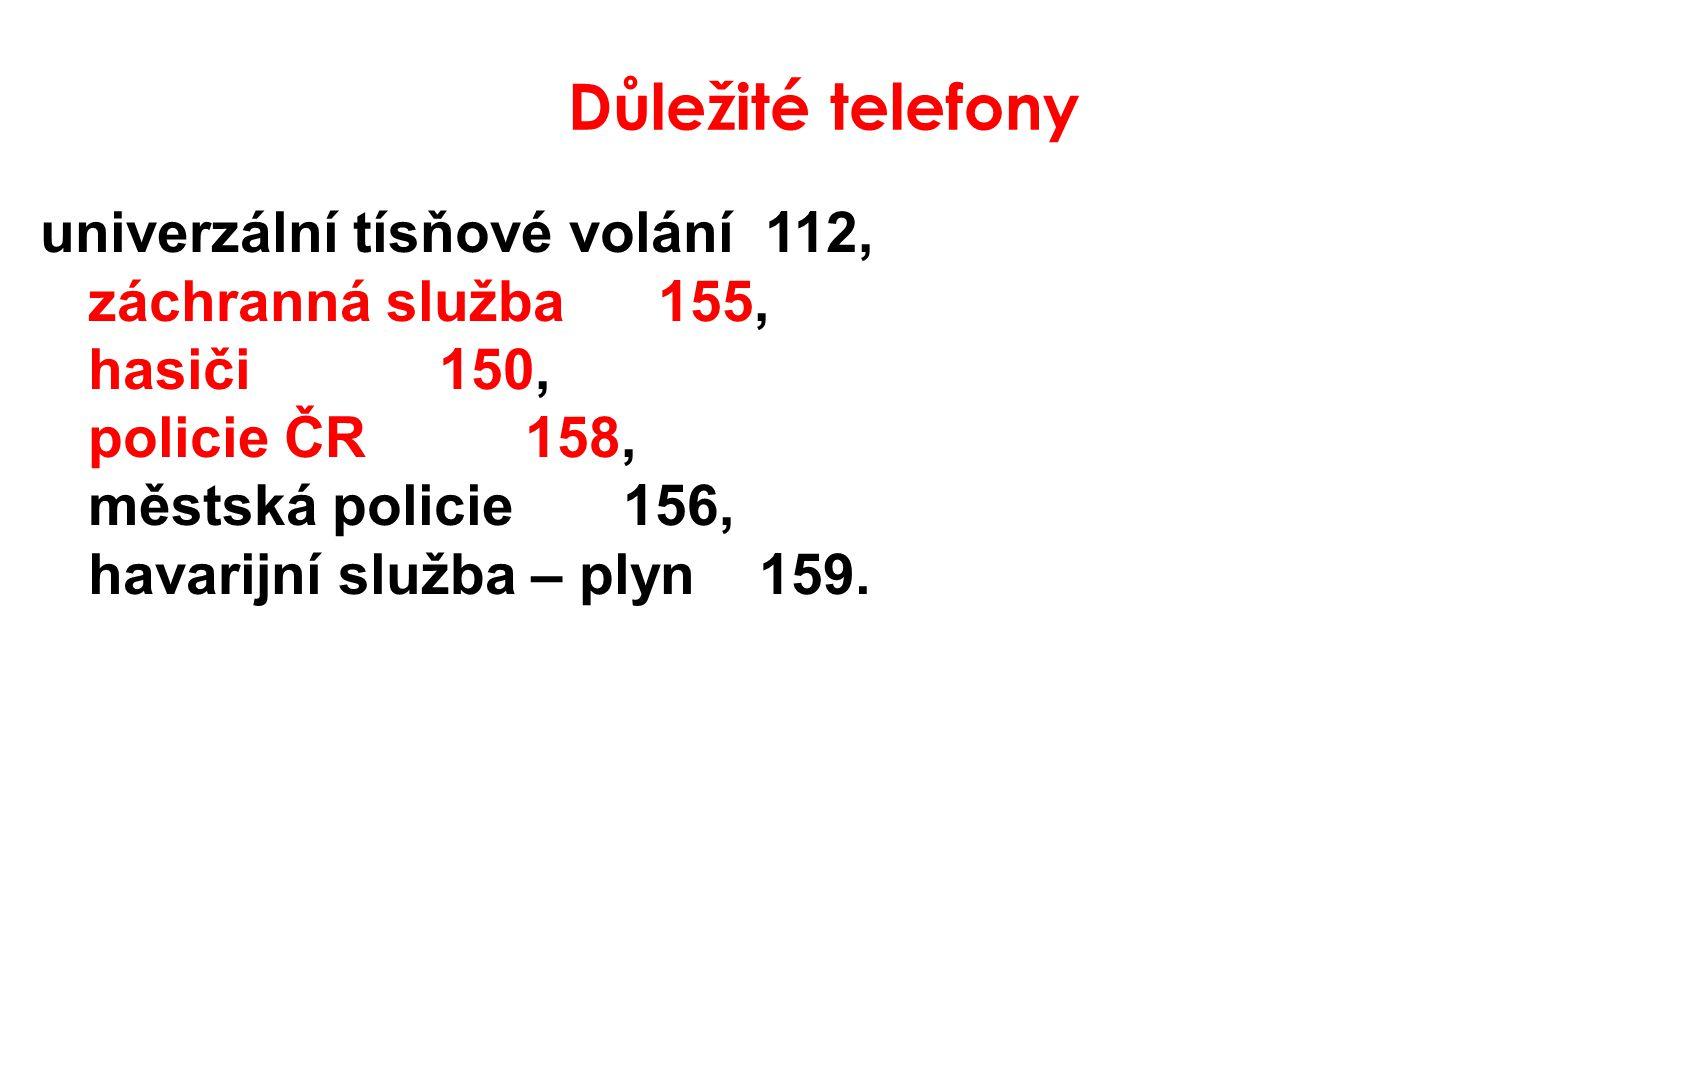 Důležité telefony univerzální tísňové volání 112, záchranná služba 155, hasiči 150, policie ČR 158, městská policie 156, havarijní služba – plyn 159.